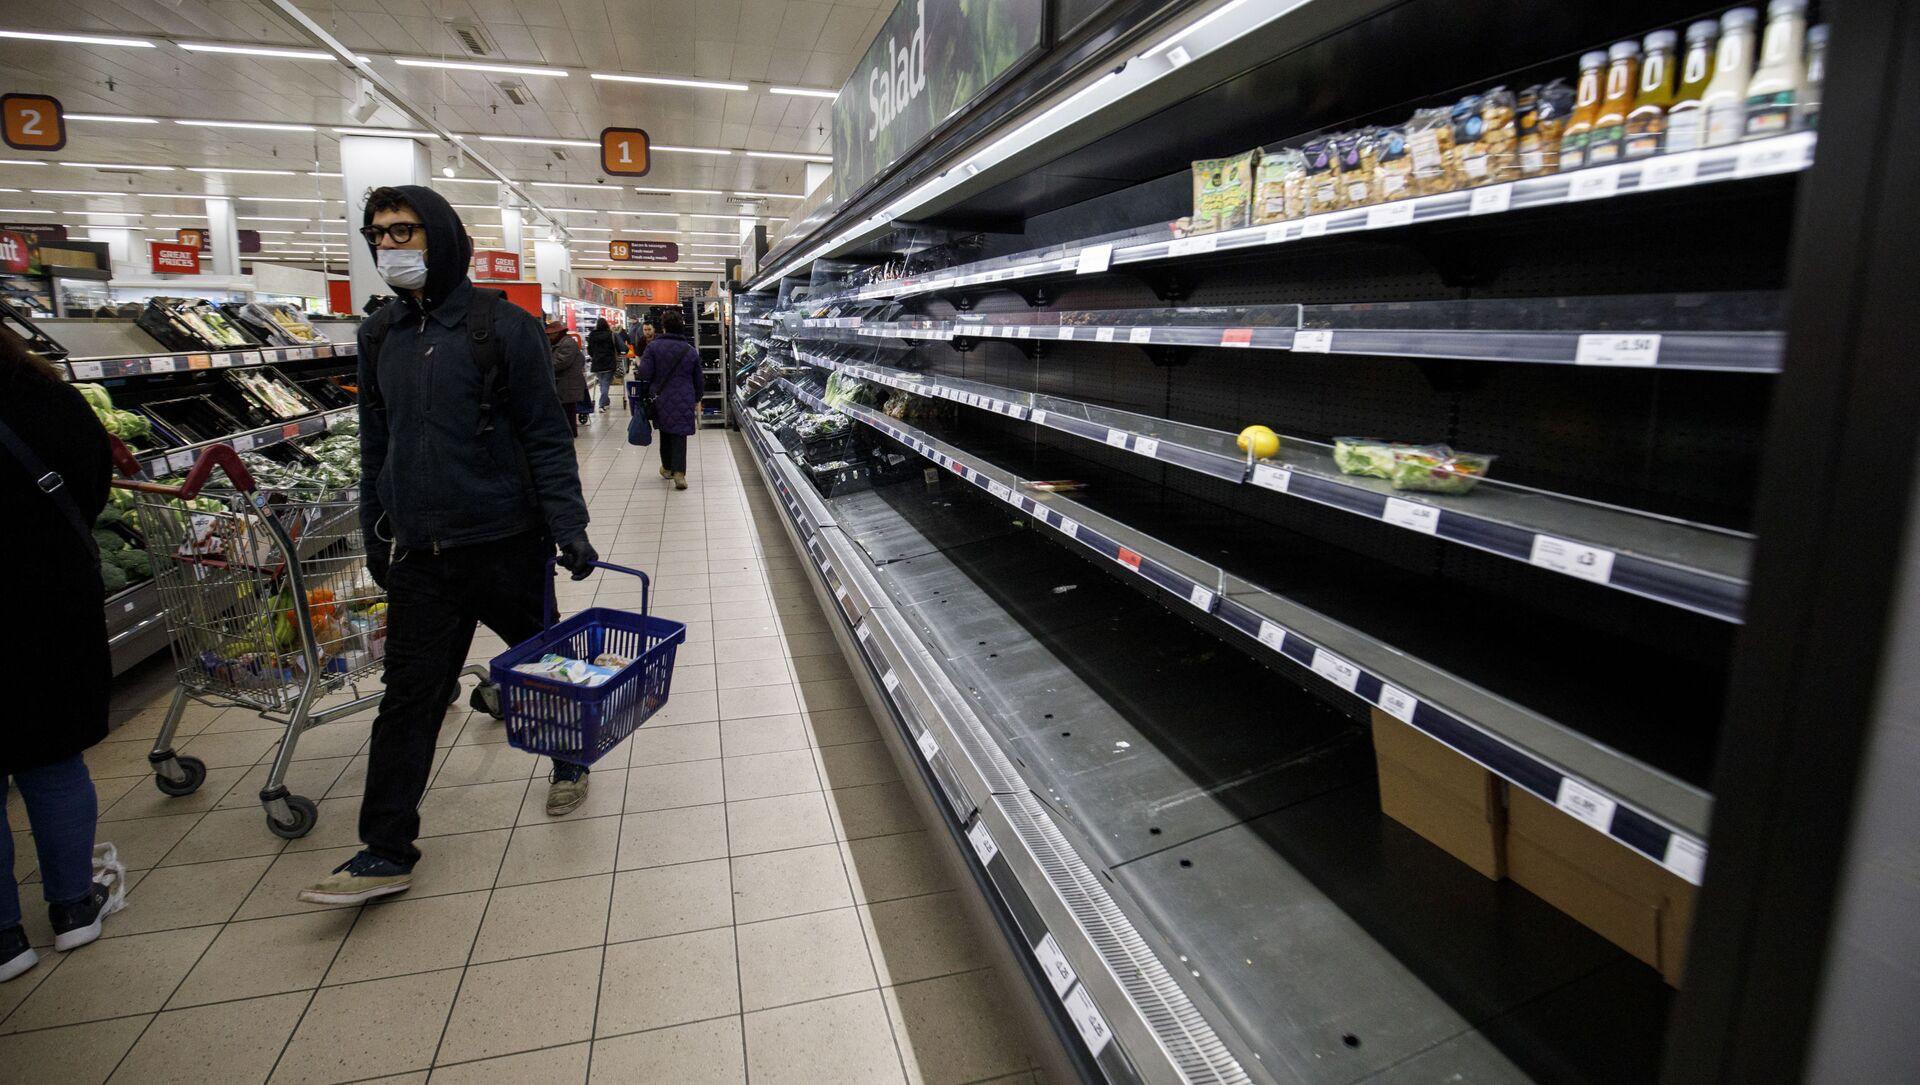 Люди возле пустых полок в супермаркете Лондона - Sputnik Азербайджан, 1920, 04.09.2021